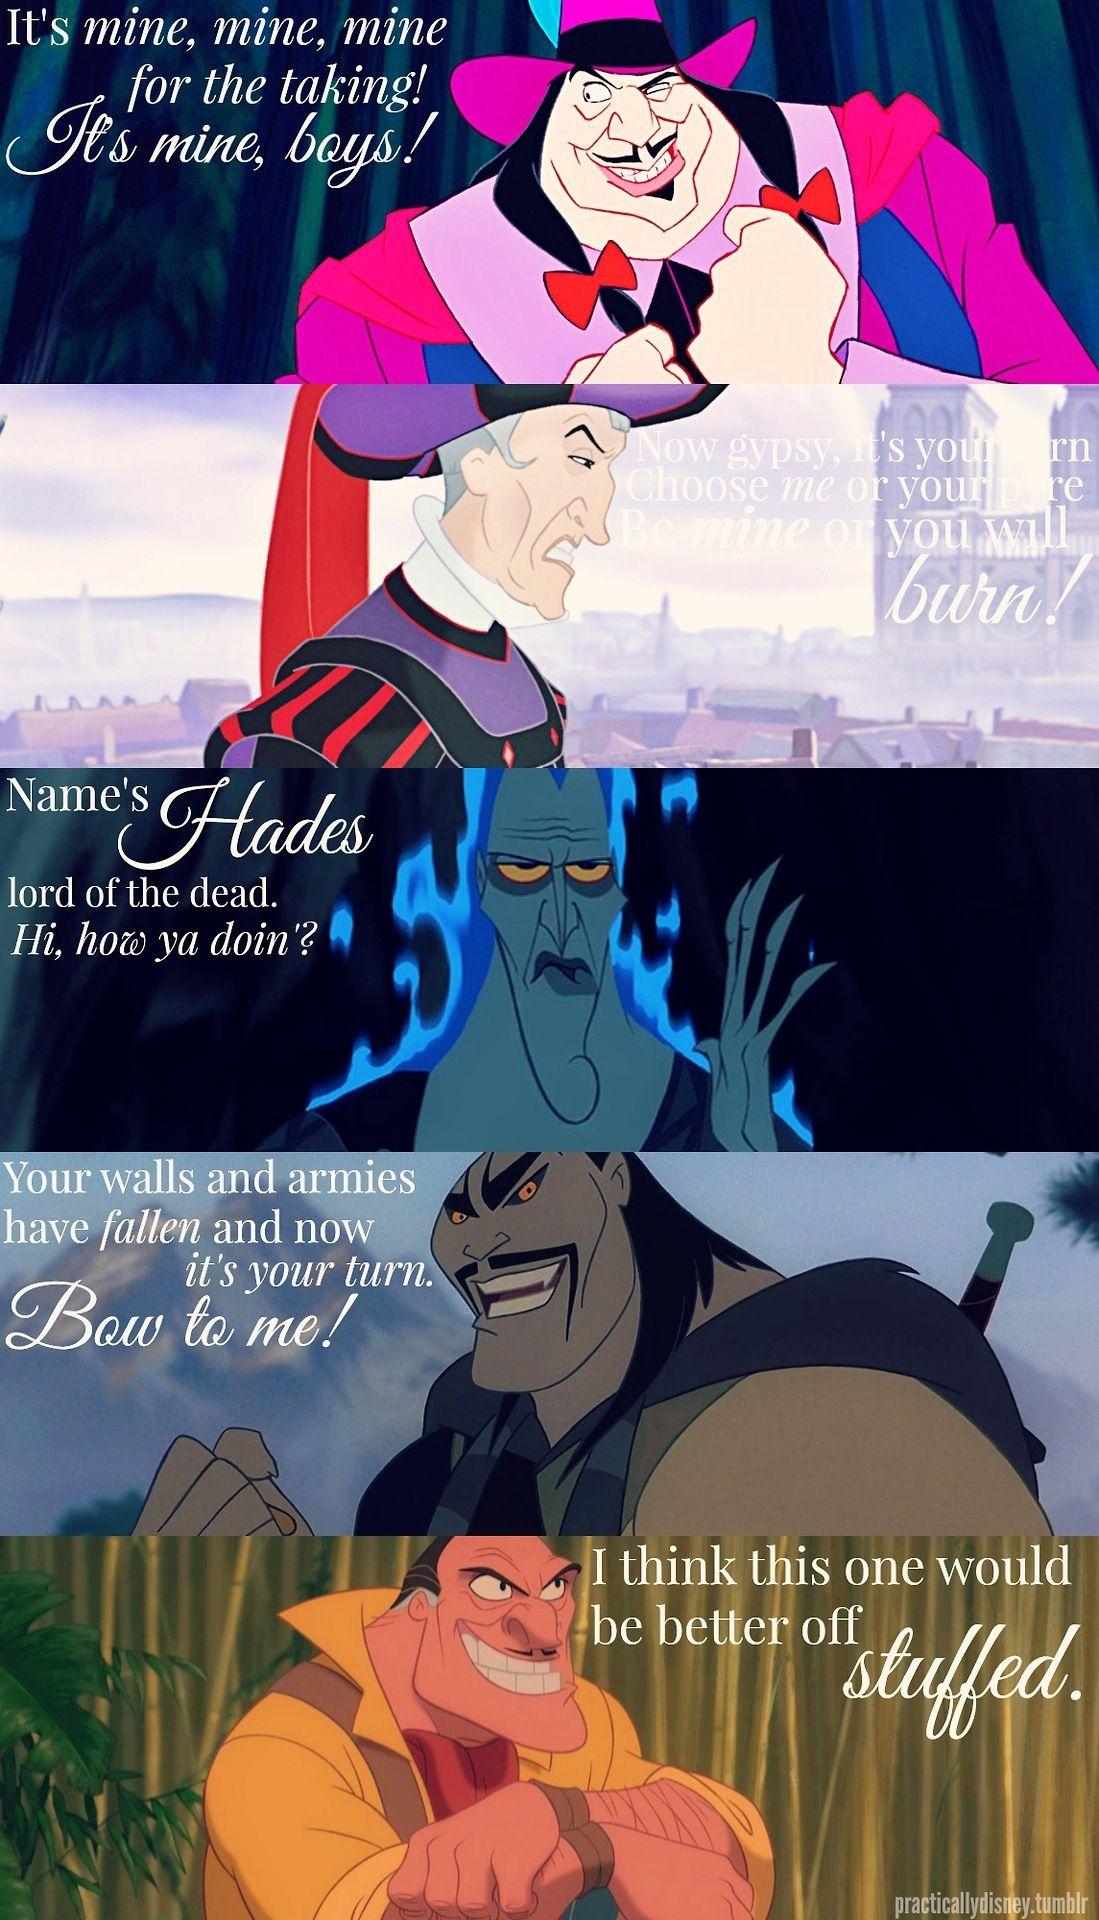 Male Villains | Disney villains quotes, Disney villains ...